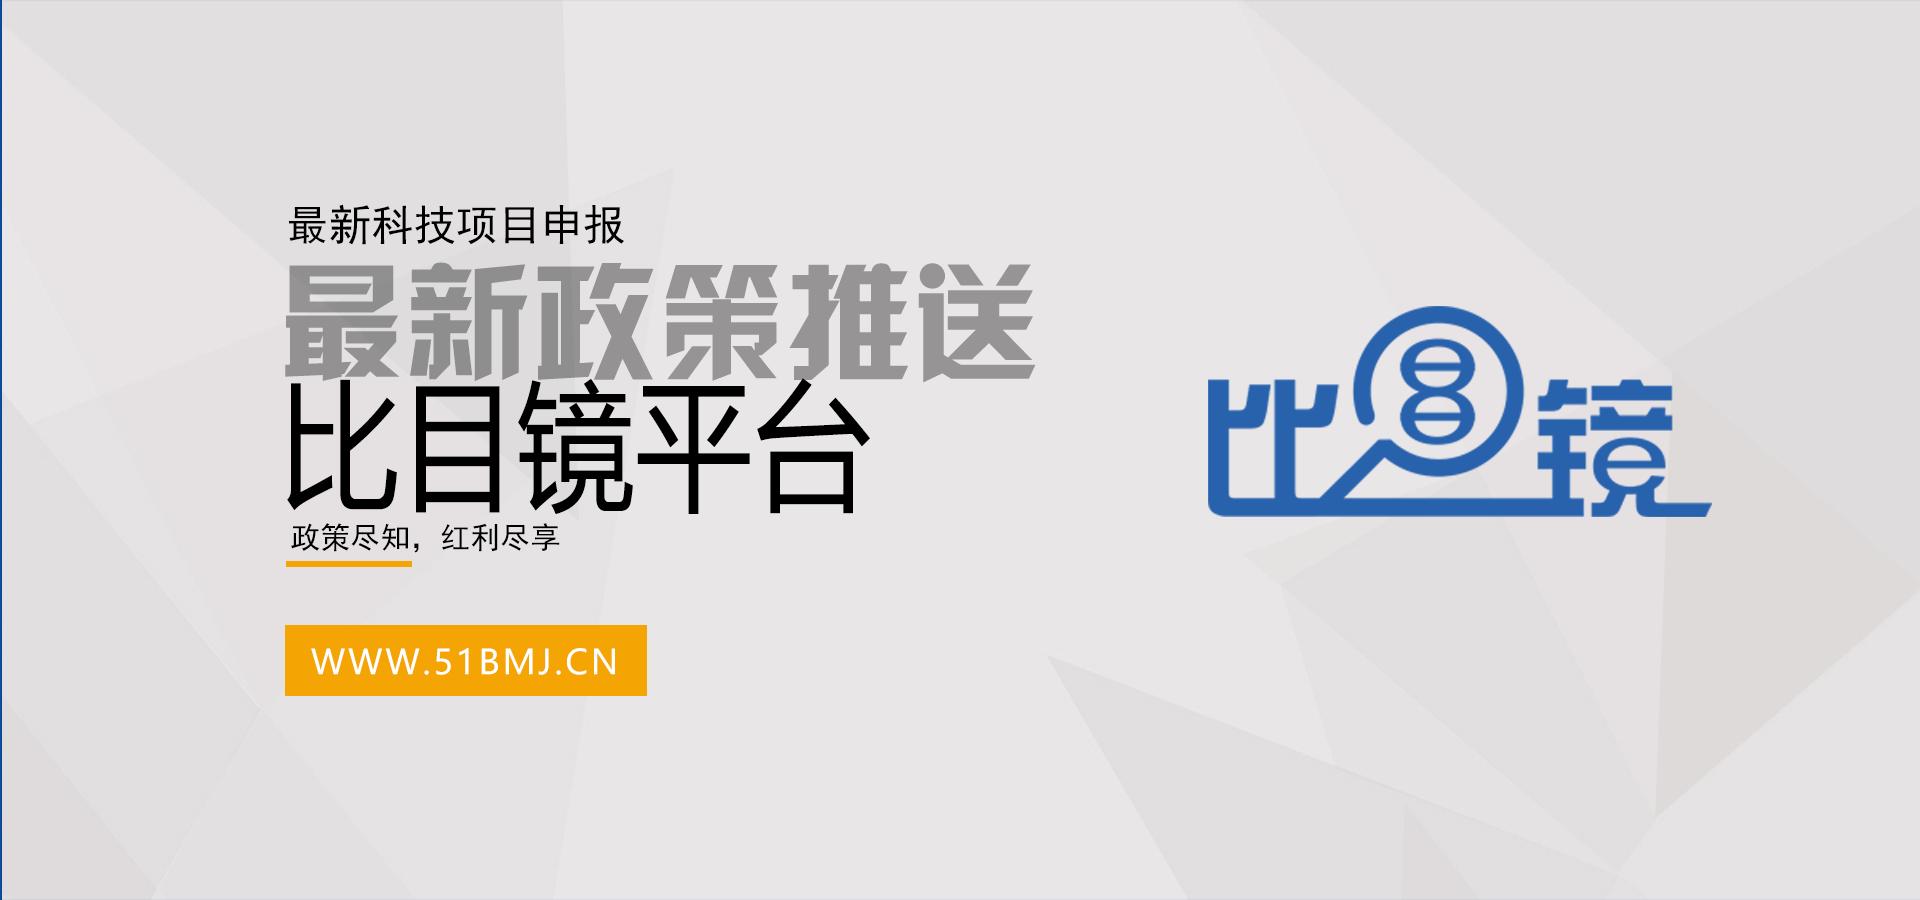 广州市孵化器认定时间及认定补助